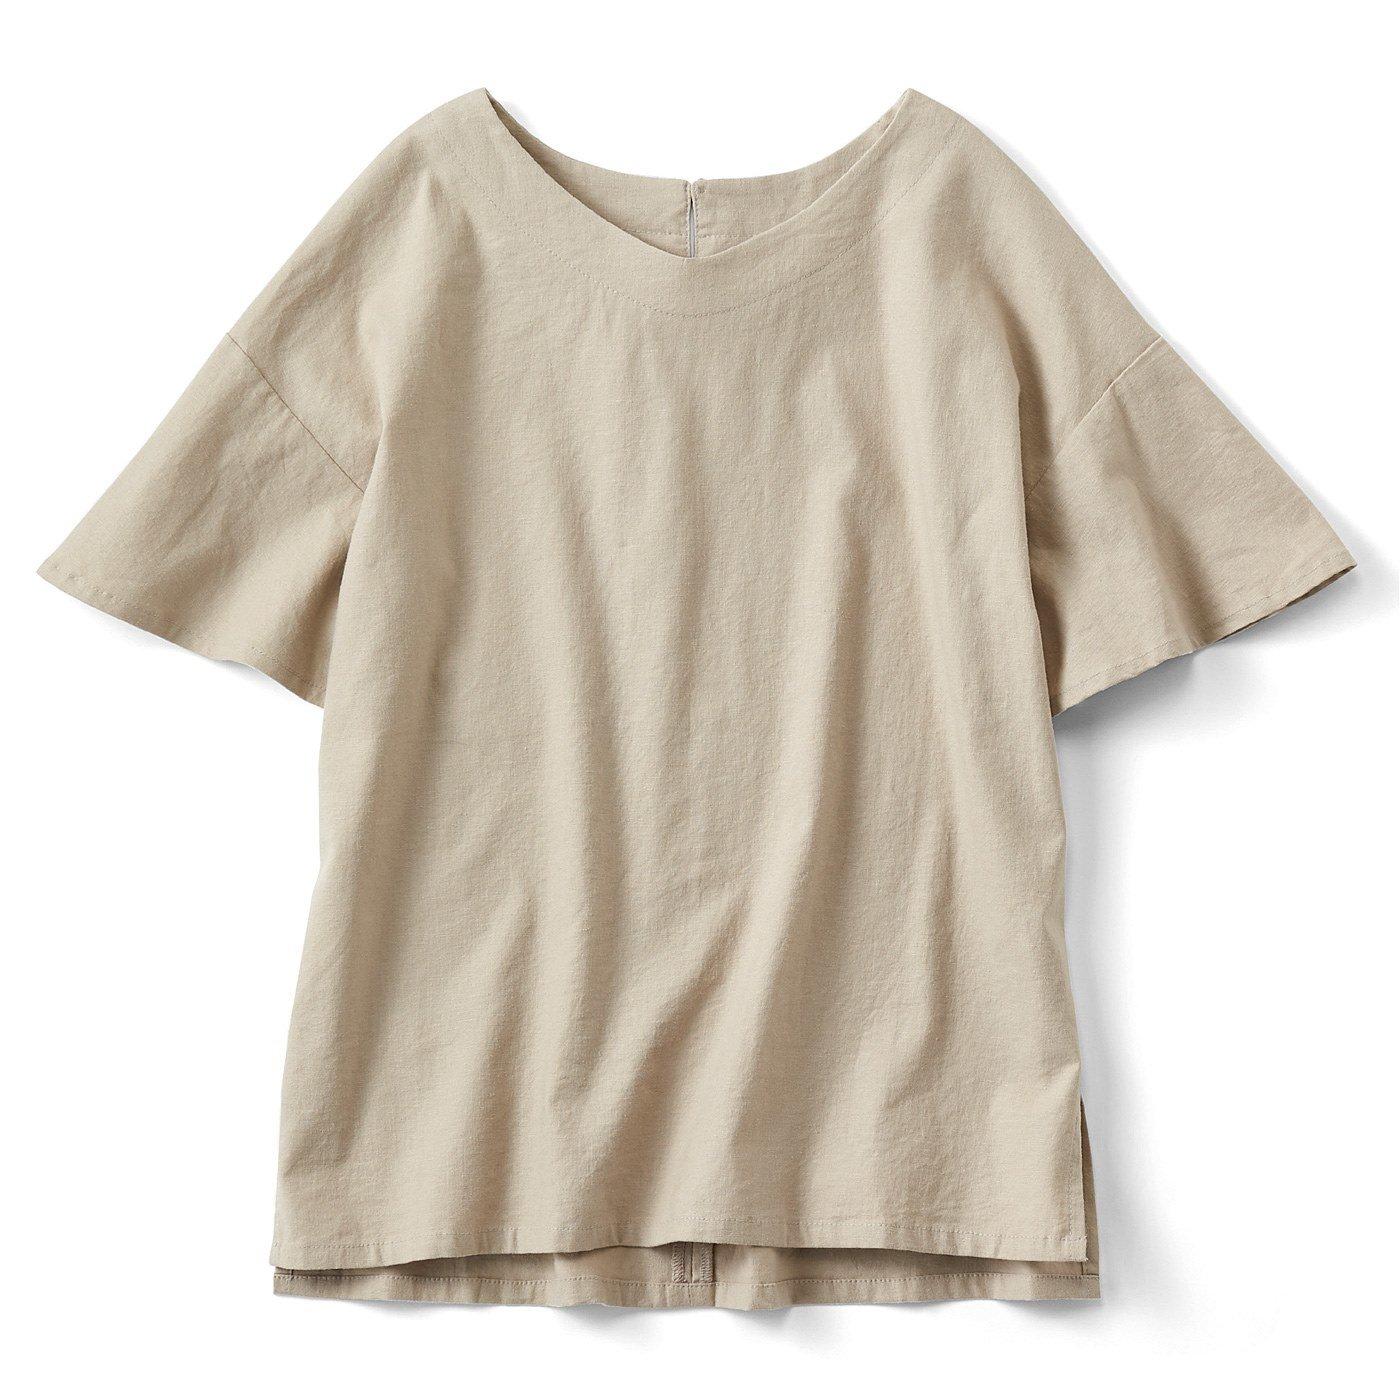 【3~10日でお届け】リブ イン コンフォート 伸びる! さらっと素肌に心地いい 麻混素材の袖フレアートップス〈ベージュ〉